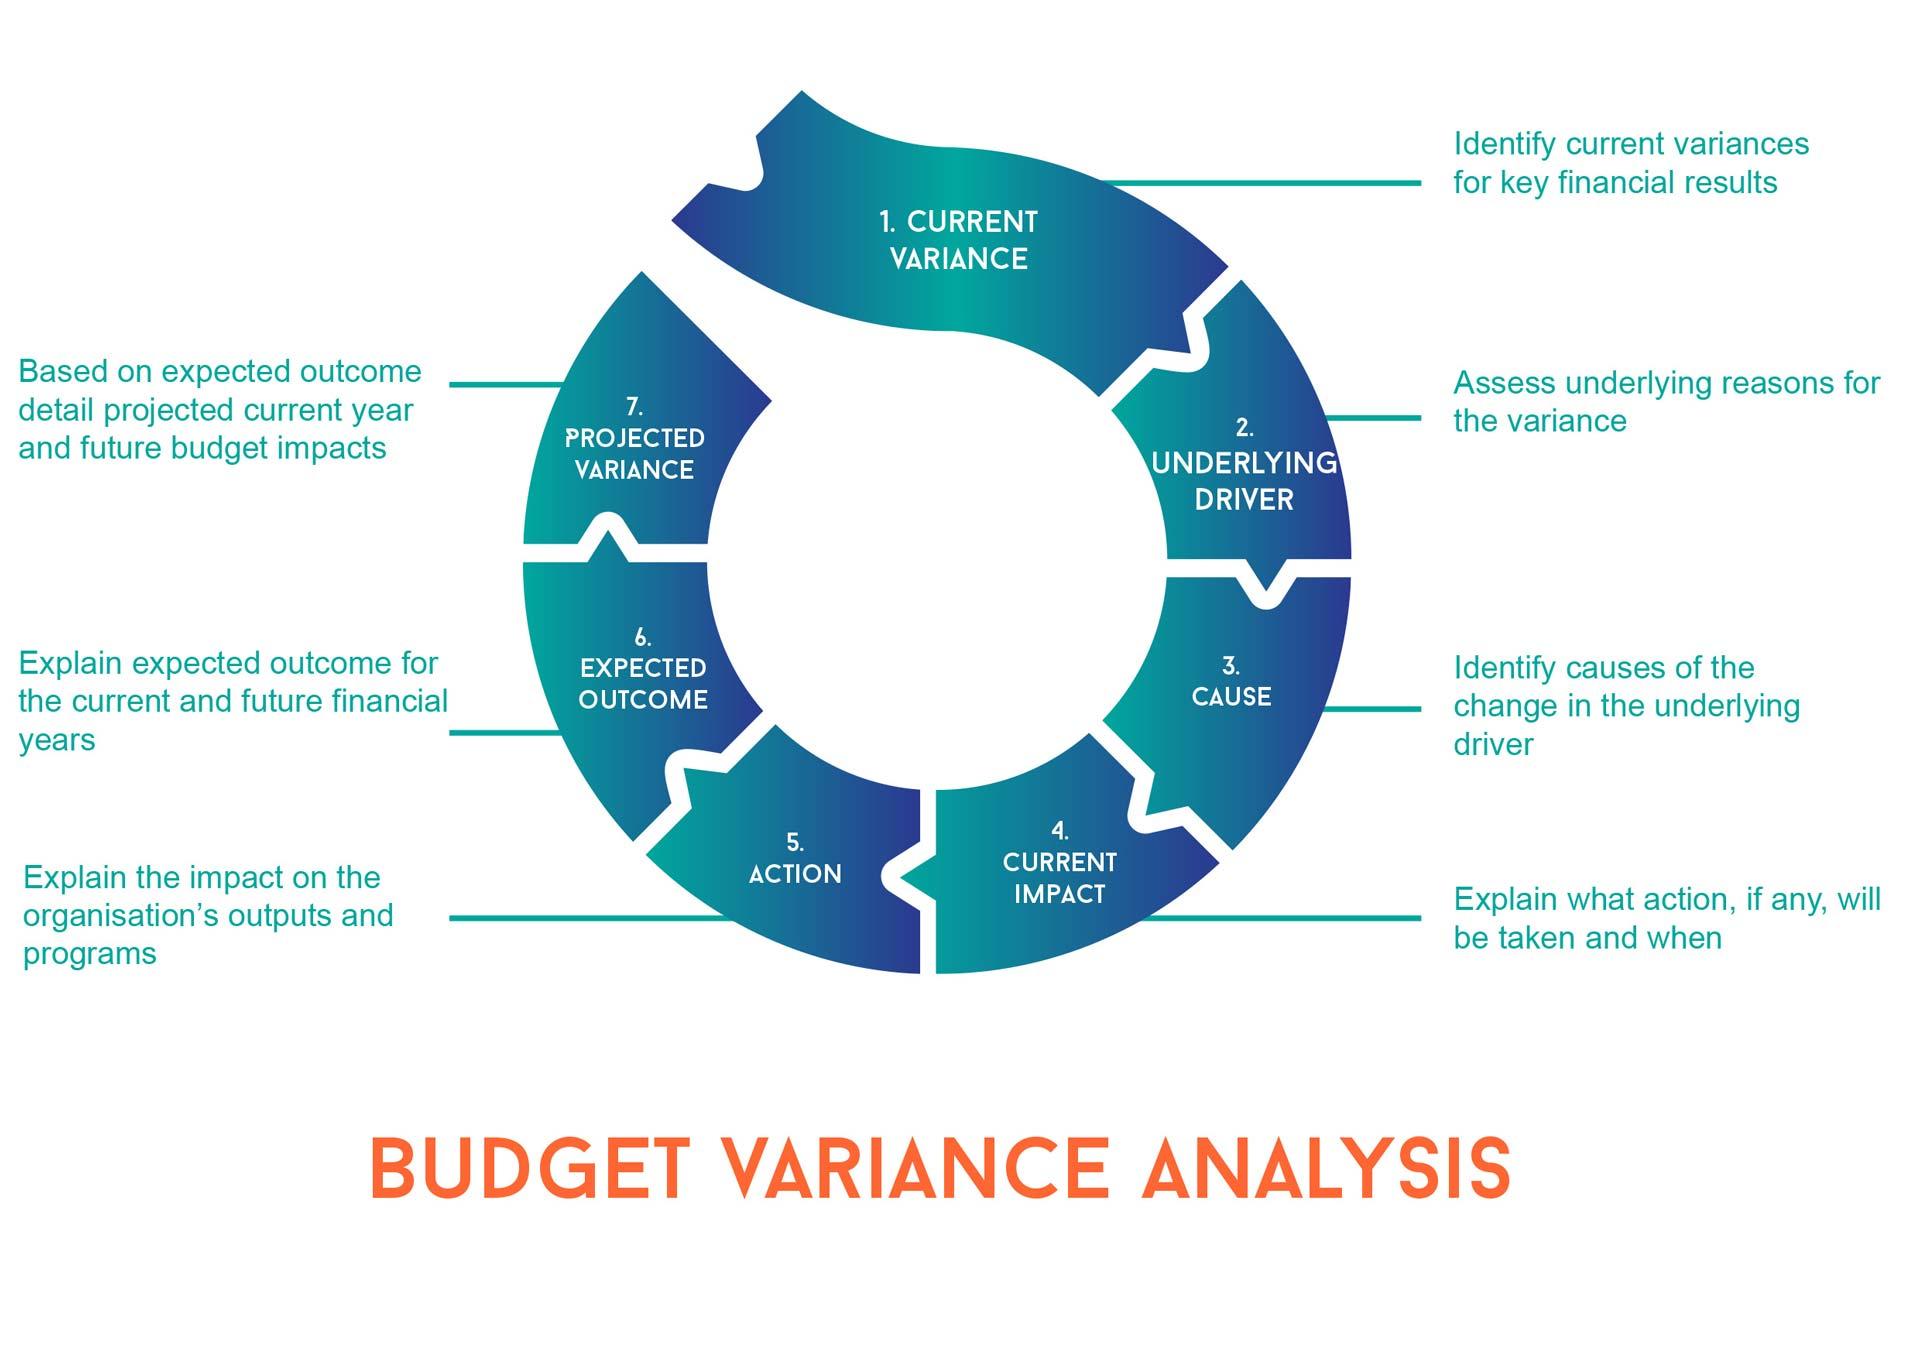 budgeting infographic explaining variance analysis